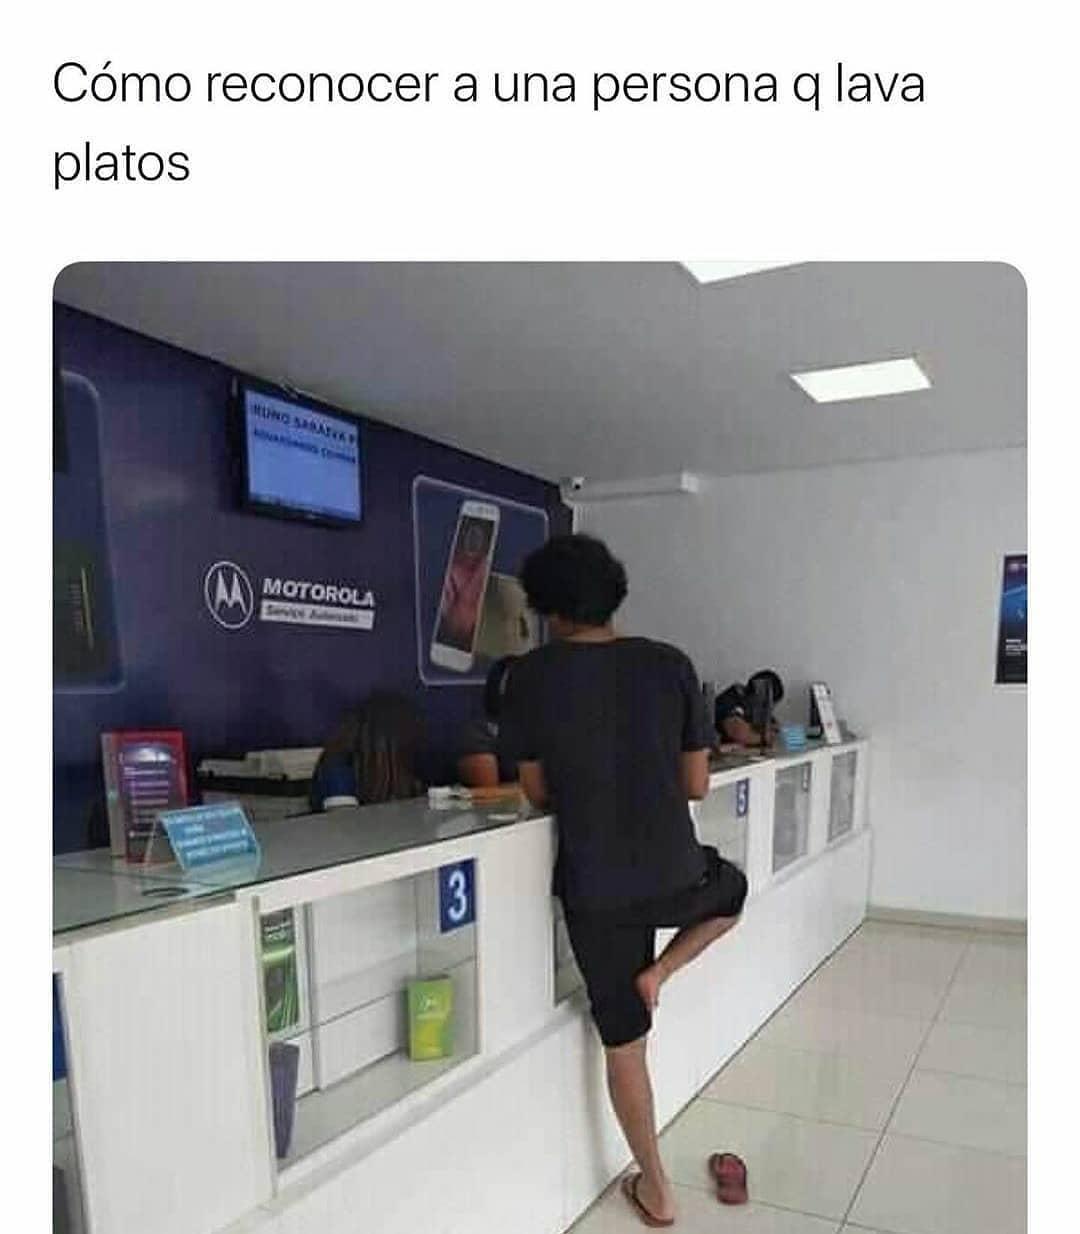 Cómo reconocer a una persona q lava platos.